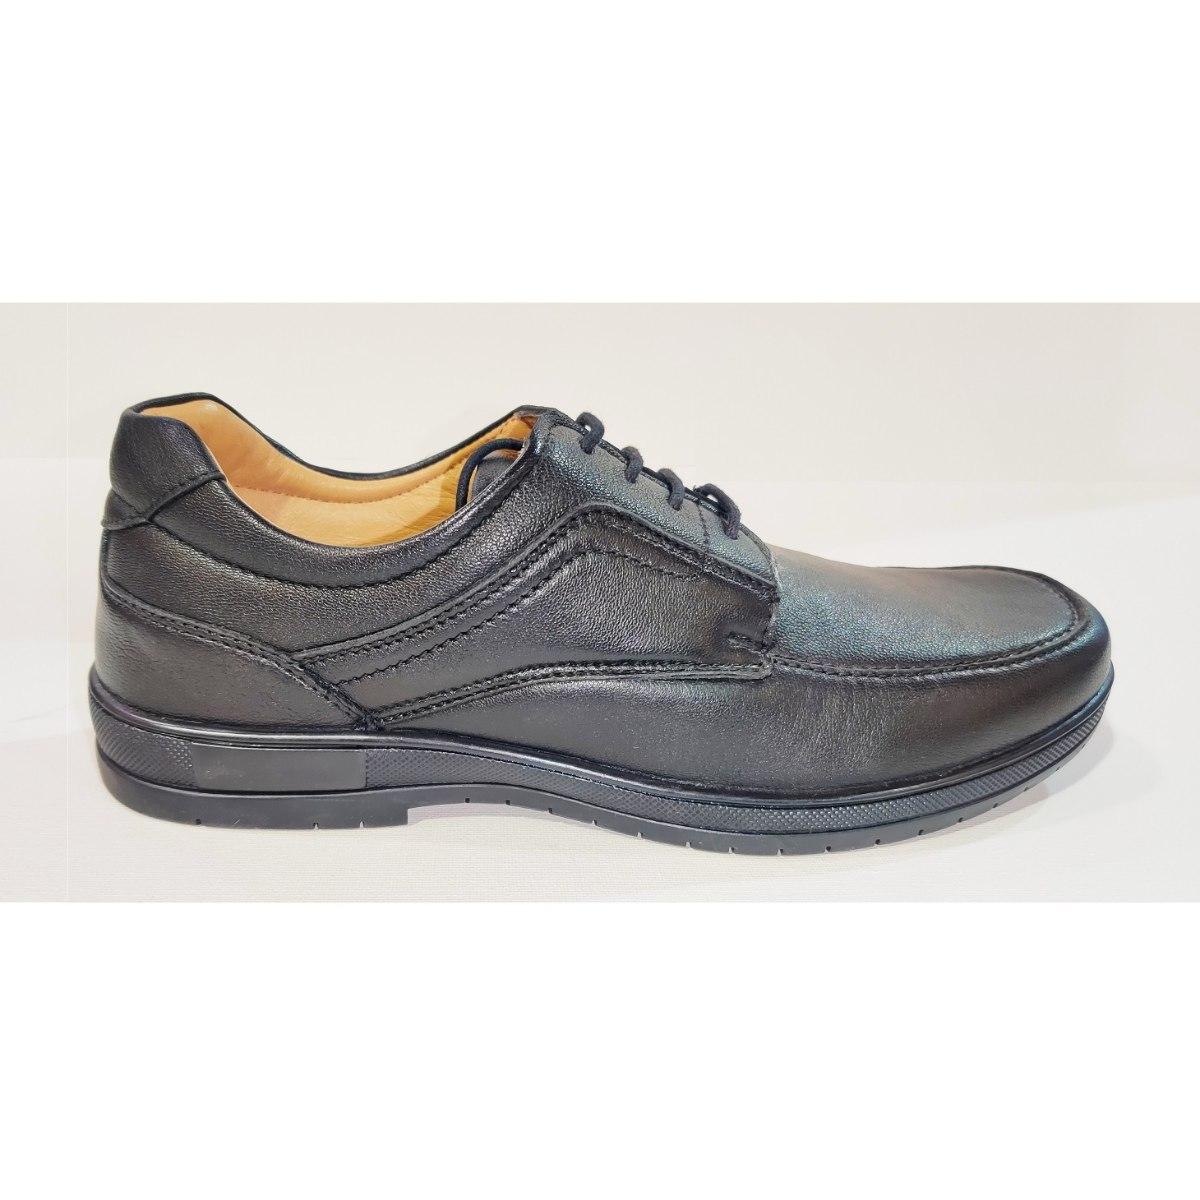 נעלי גברים - טראק קומפורט 044034